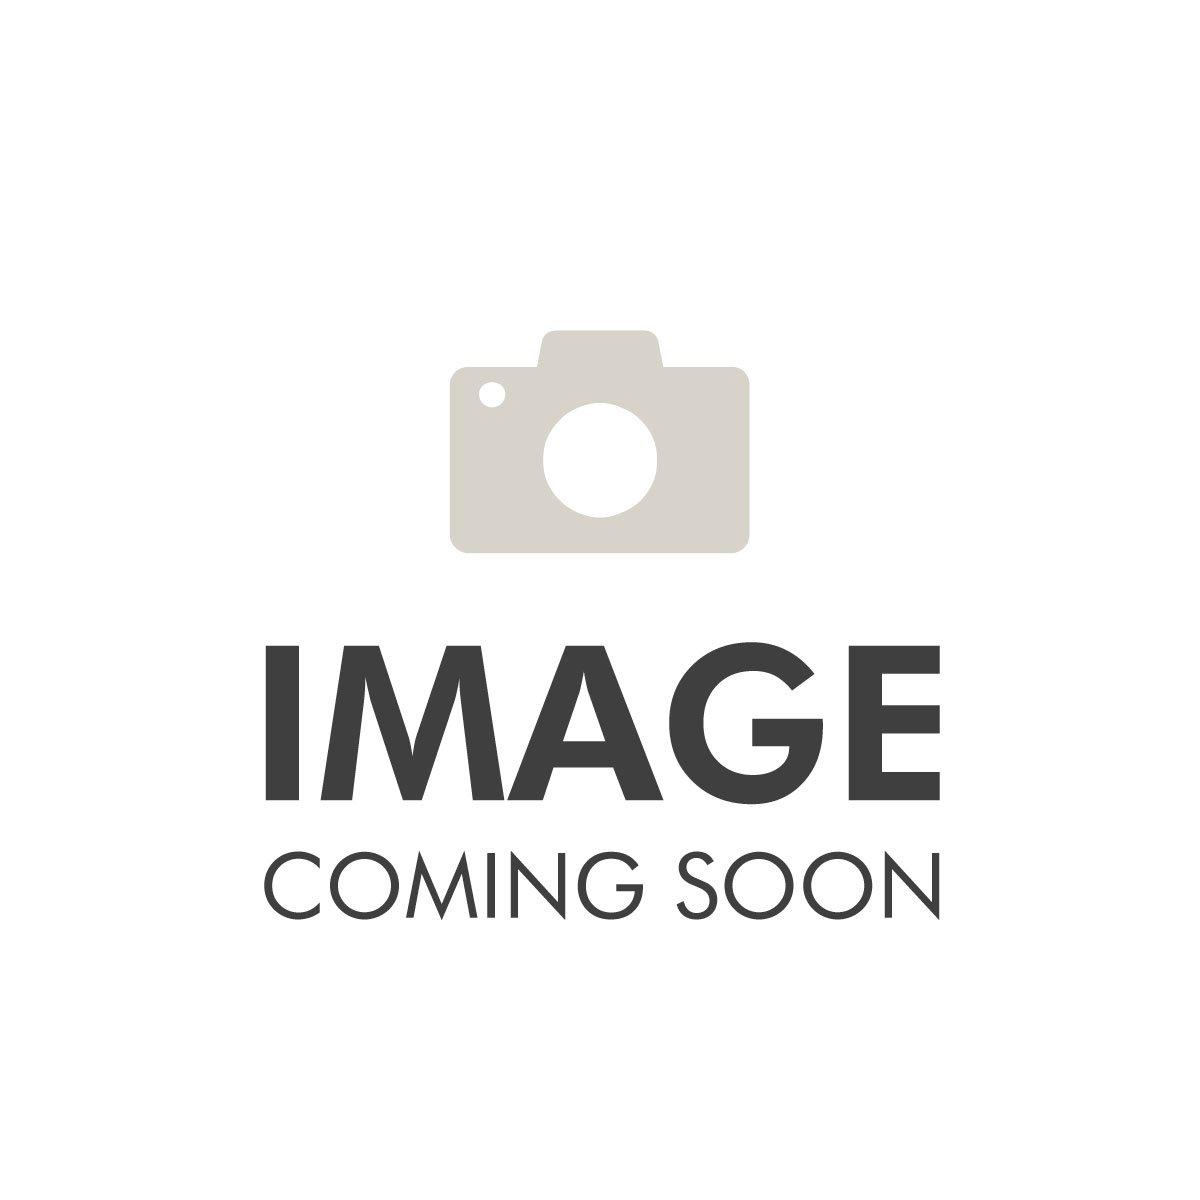 Mercedes Benz EDT Spray 120ml